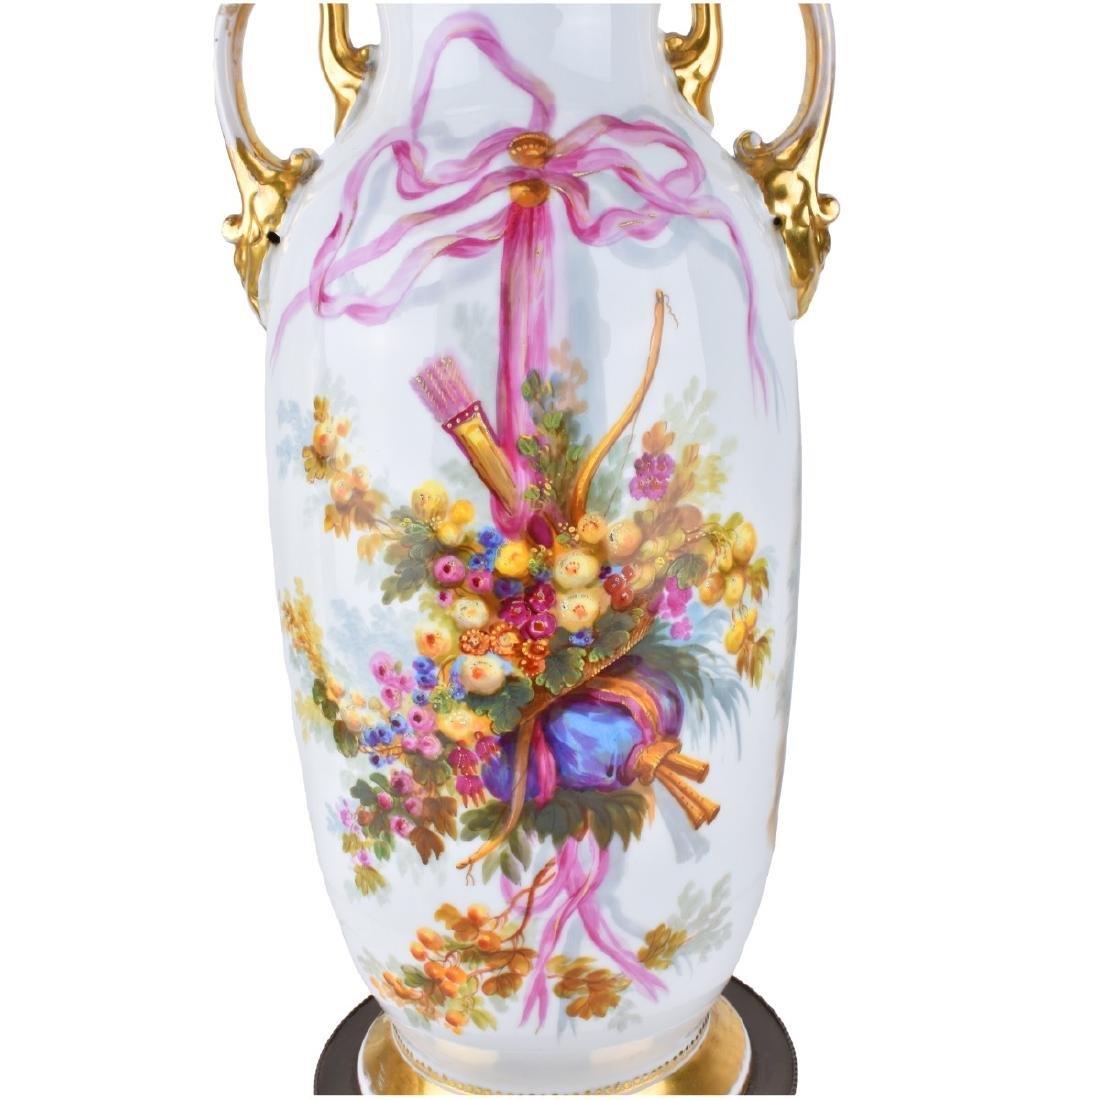 Old Paris Porcelain Vases as Lamps - 4